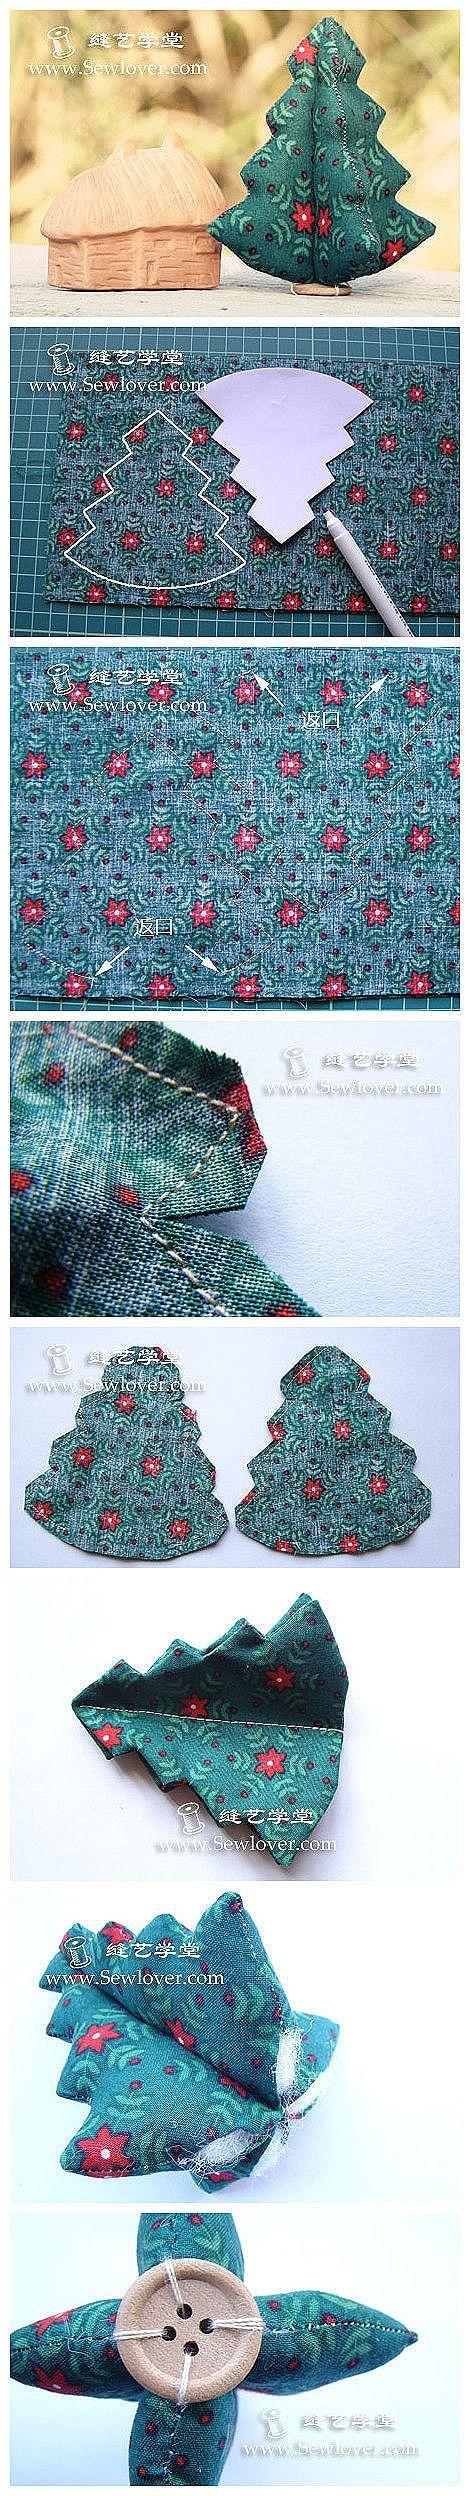 Como costurar bonito tecido Árvores de Natal passo a passo DIY instruções do tutorial, como, como fazer, instruções de bricolage, artesanato, fazê-lo sozinho, por Mary Smith fSesz